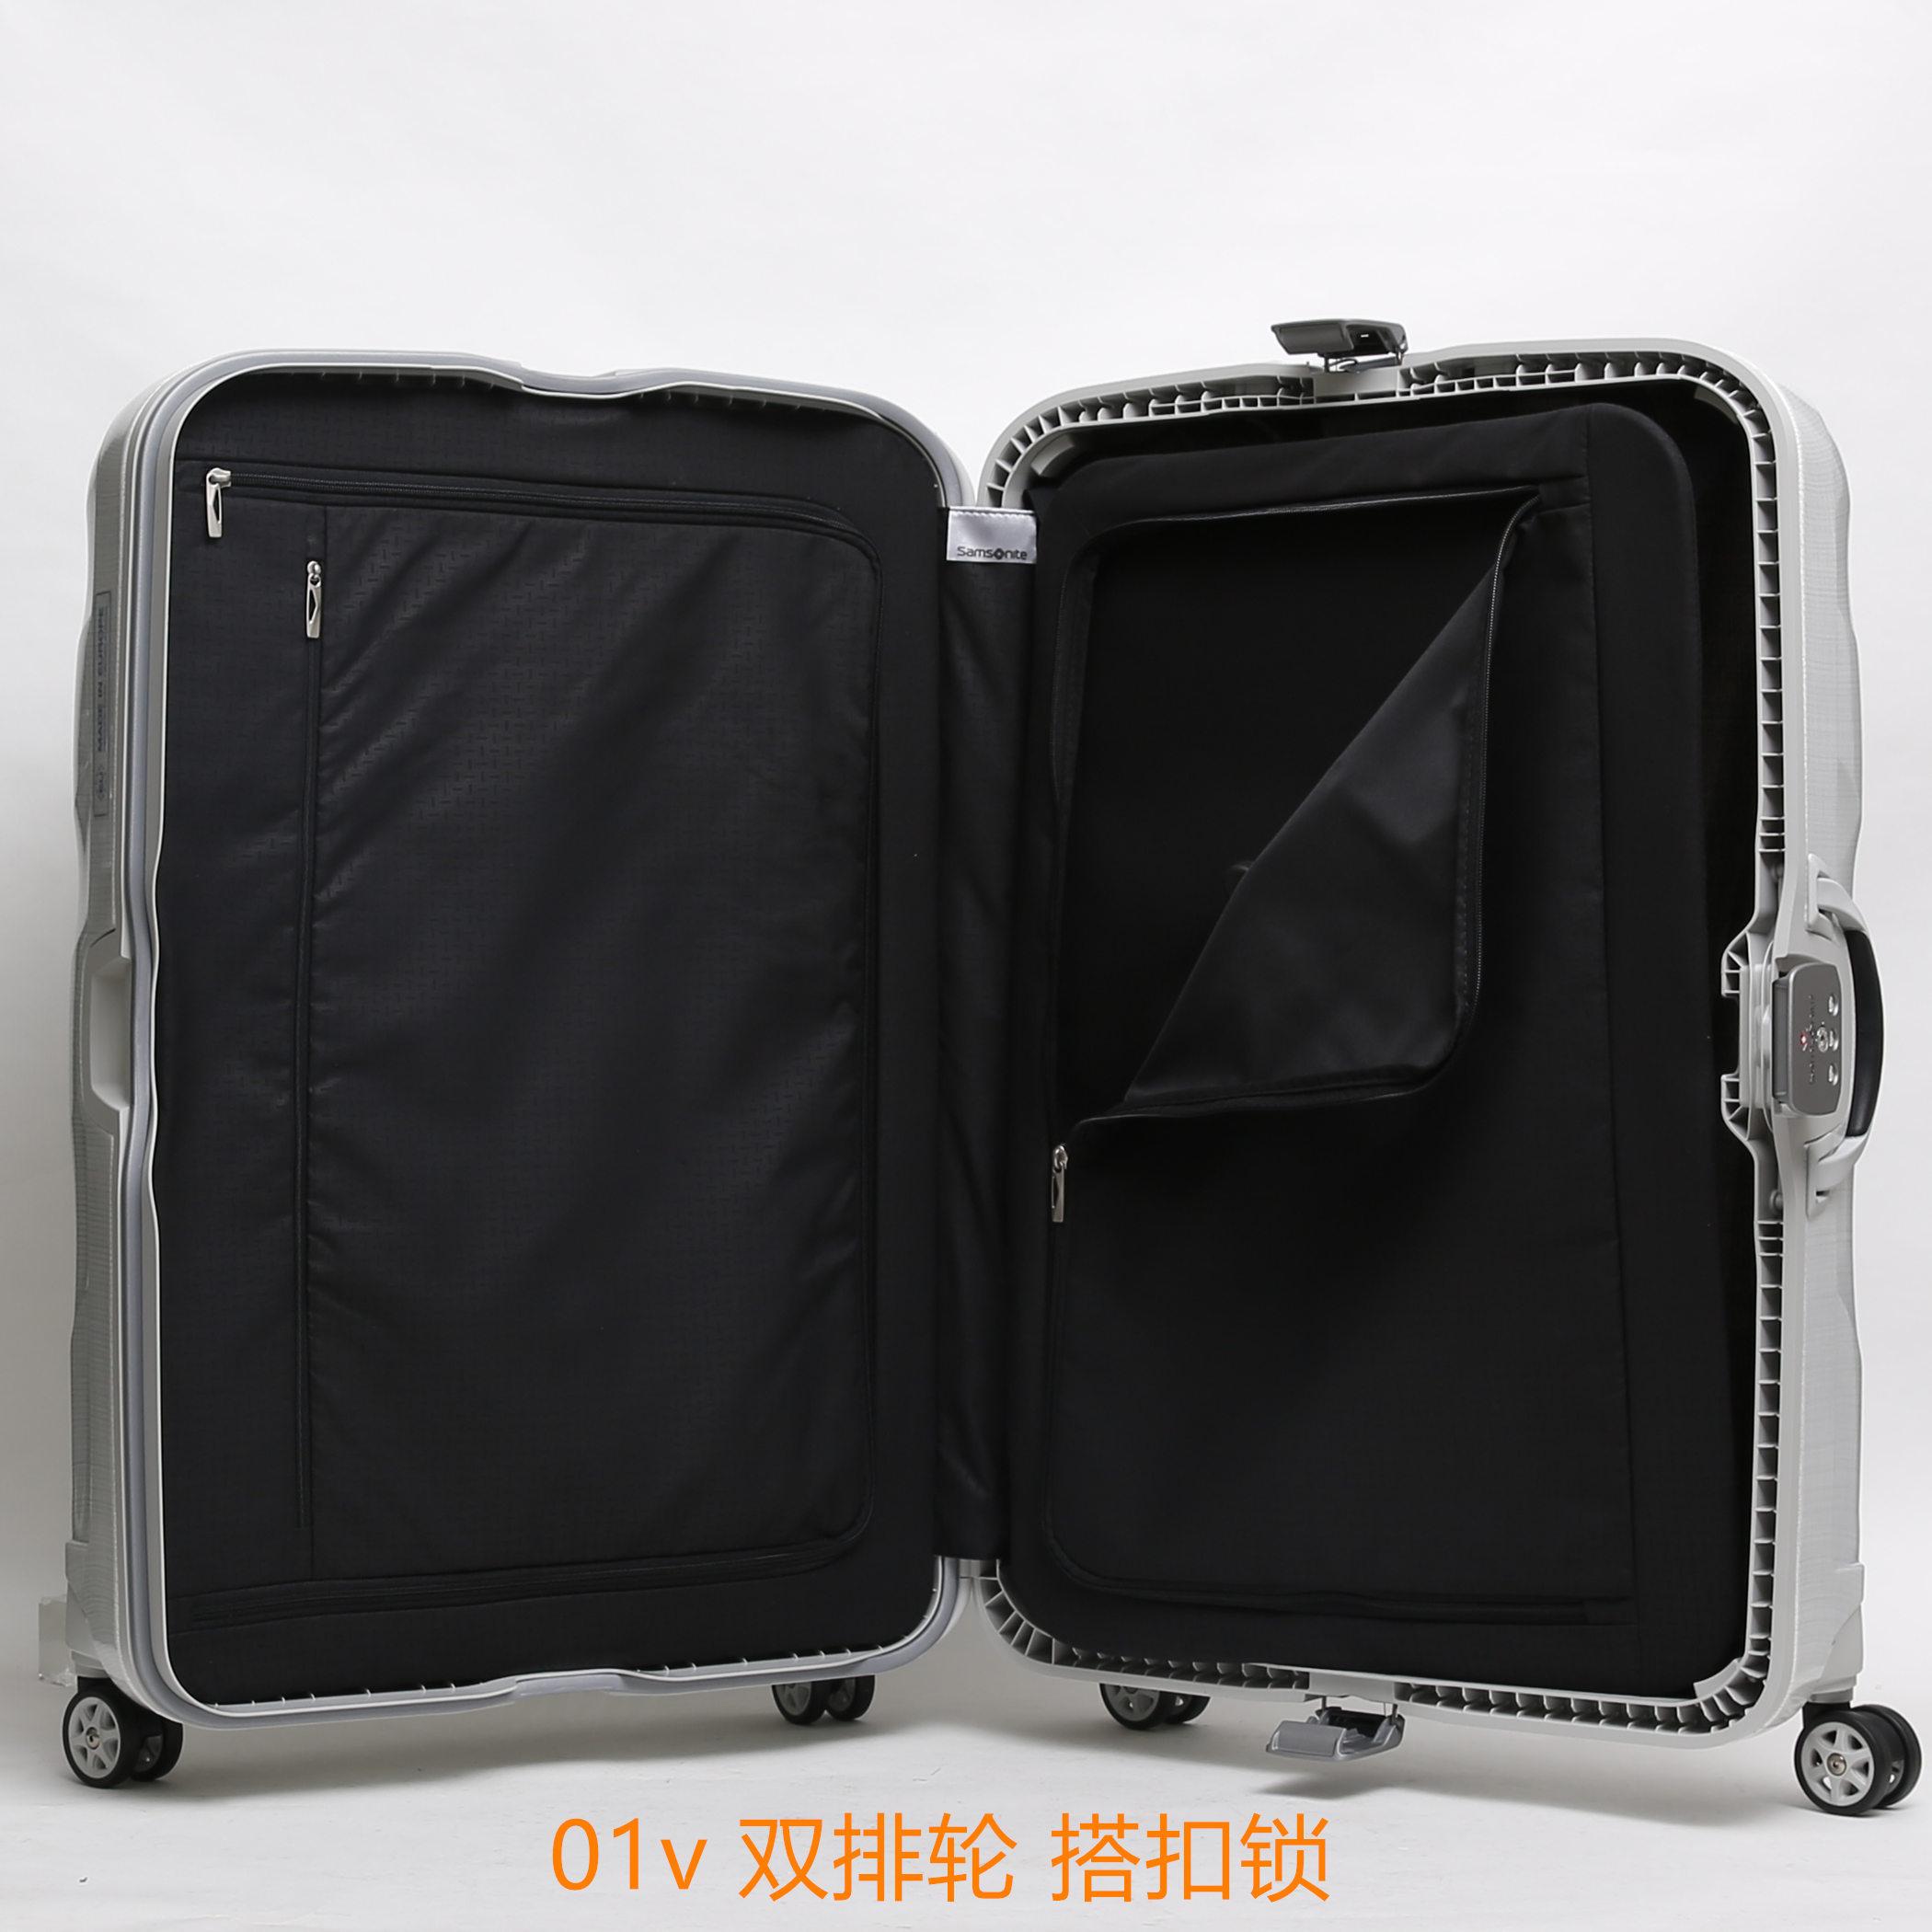 新秀丽拉杆箱samsonite贝壳箱01v v22超轻欧版正品行李旅行箱米奇